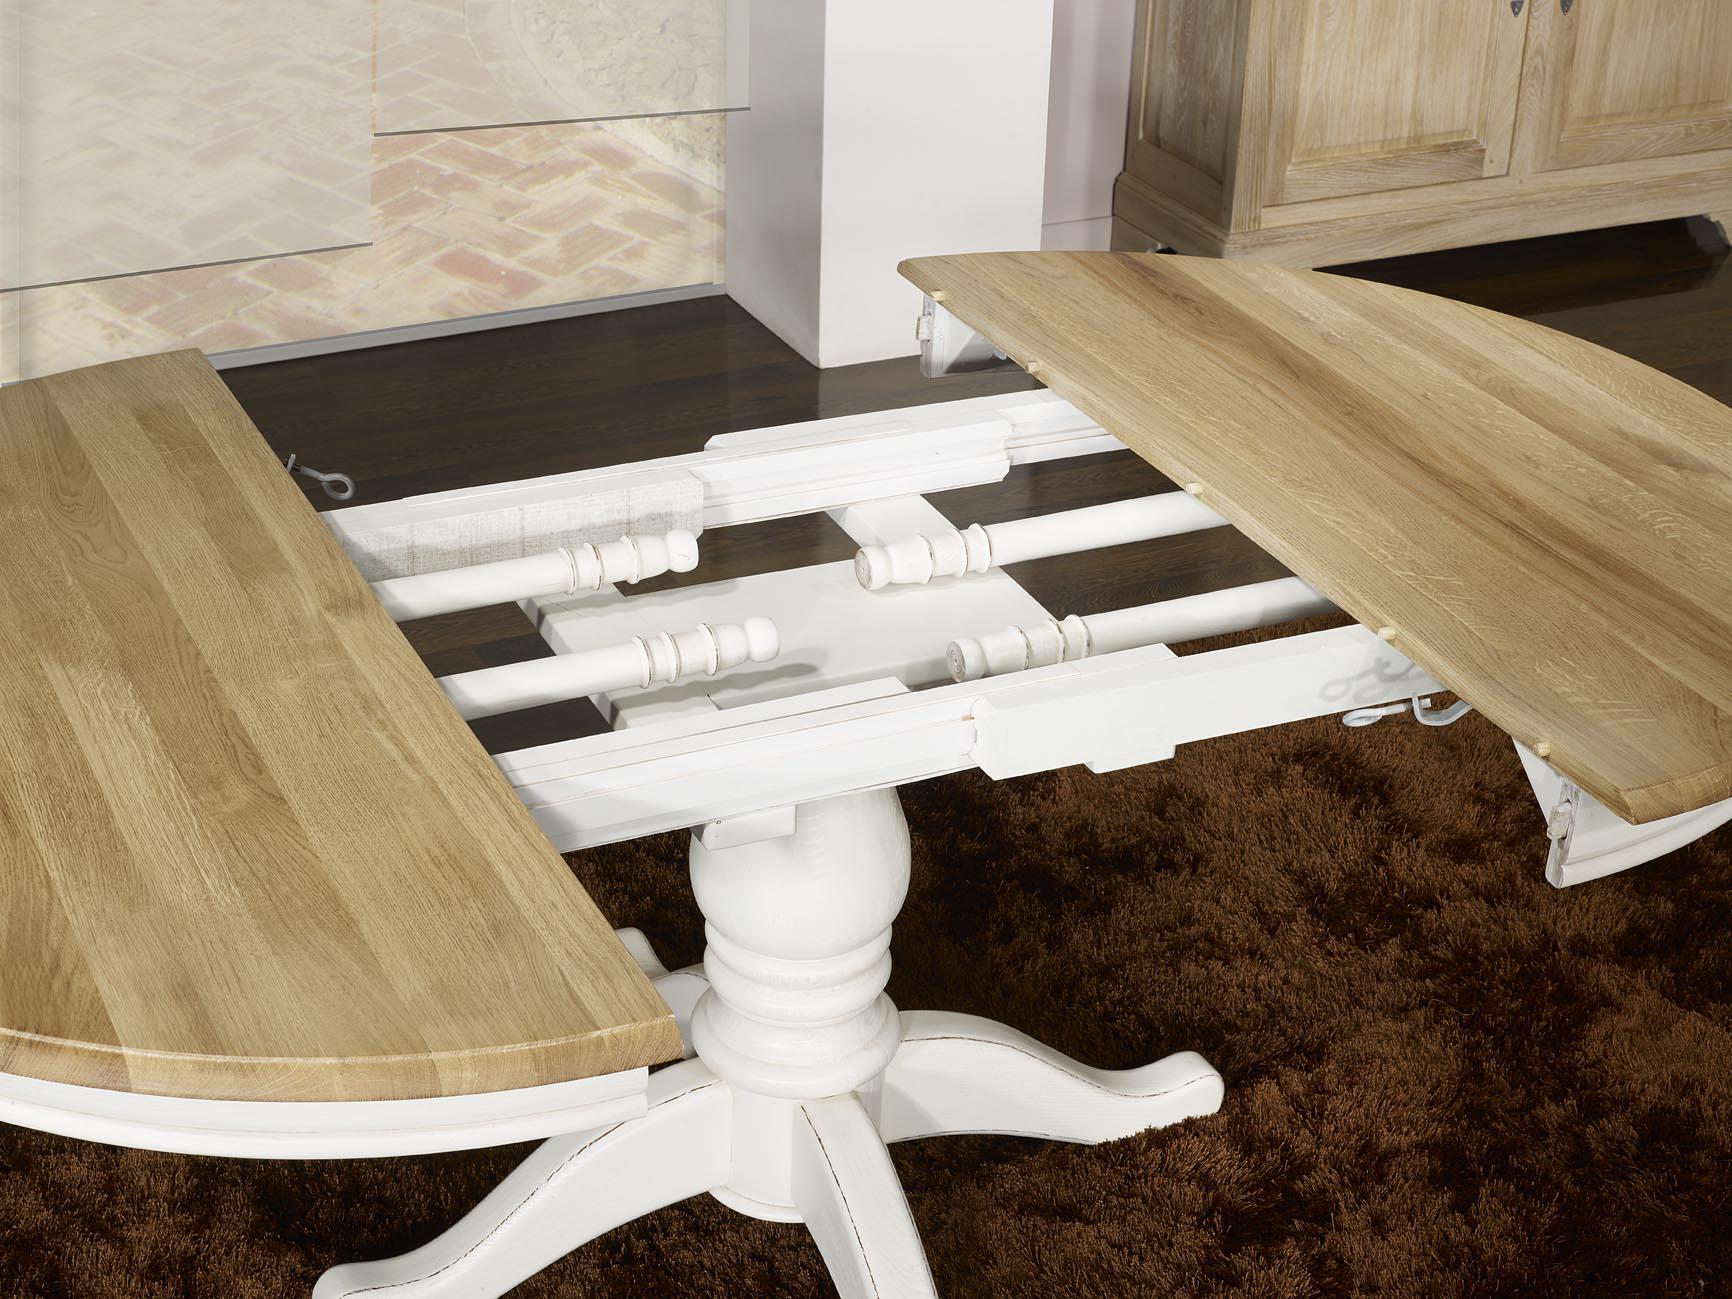 Table ronde pied central en ch ne massif de style louis - Table ronde pied central fly ...